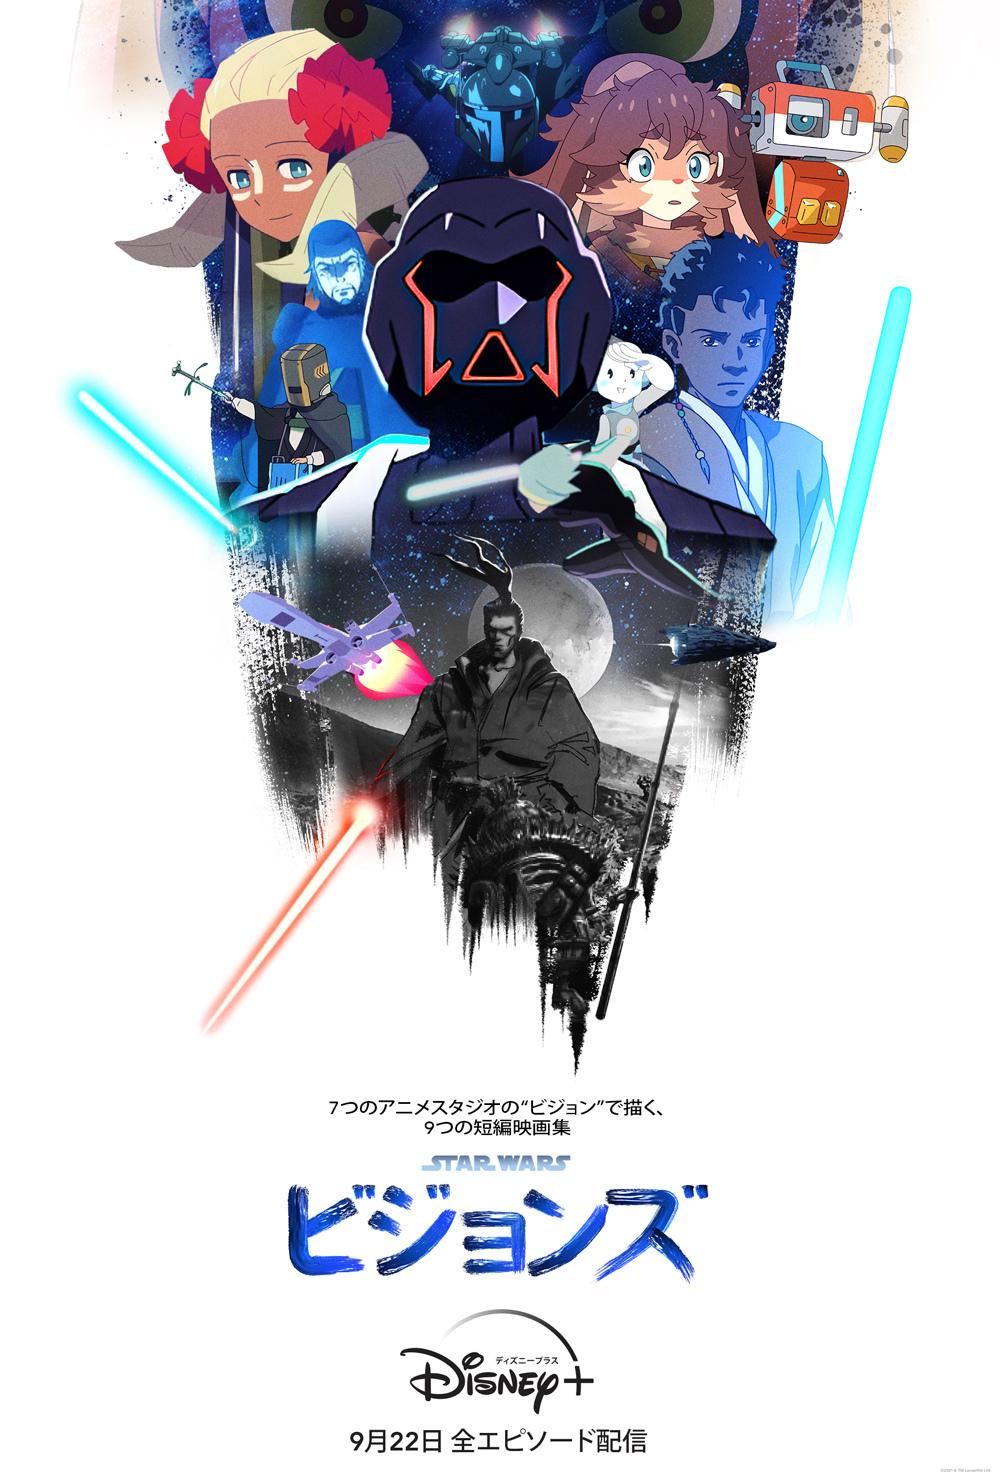 『スター・ウォーズ:ビジョンズ』 キービジュアル (C)2020 Disney and its related entities